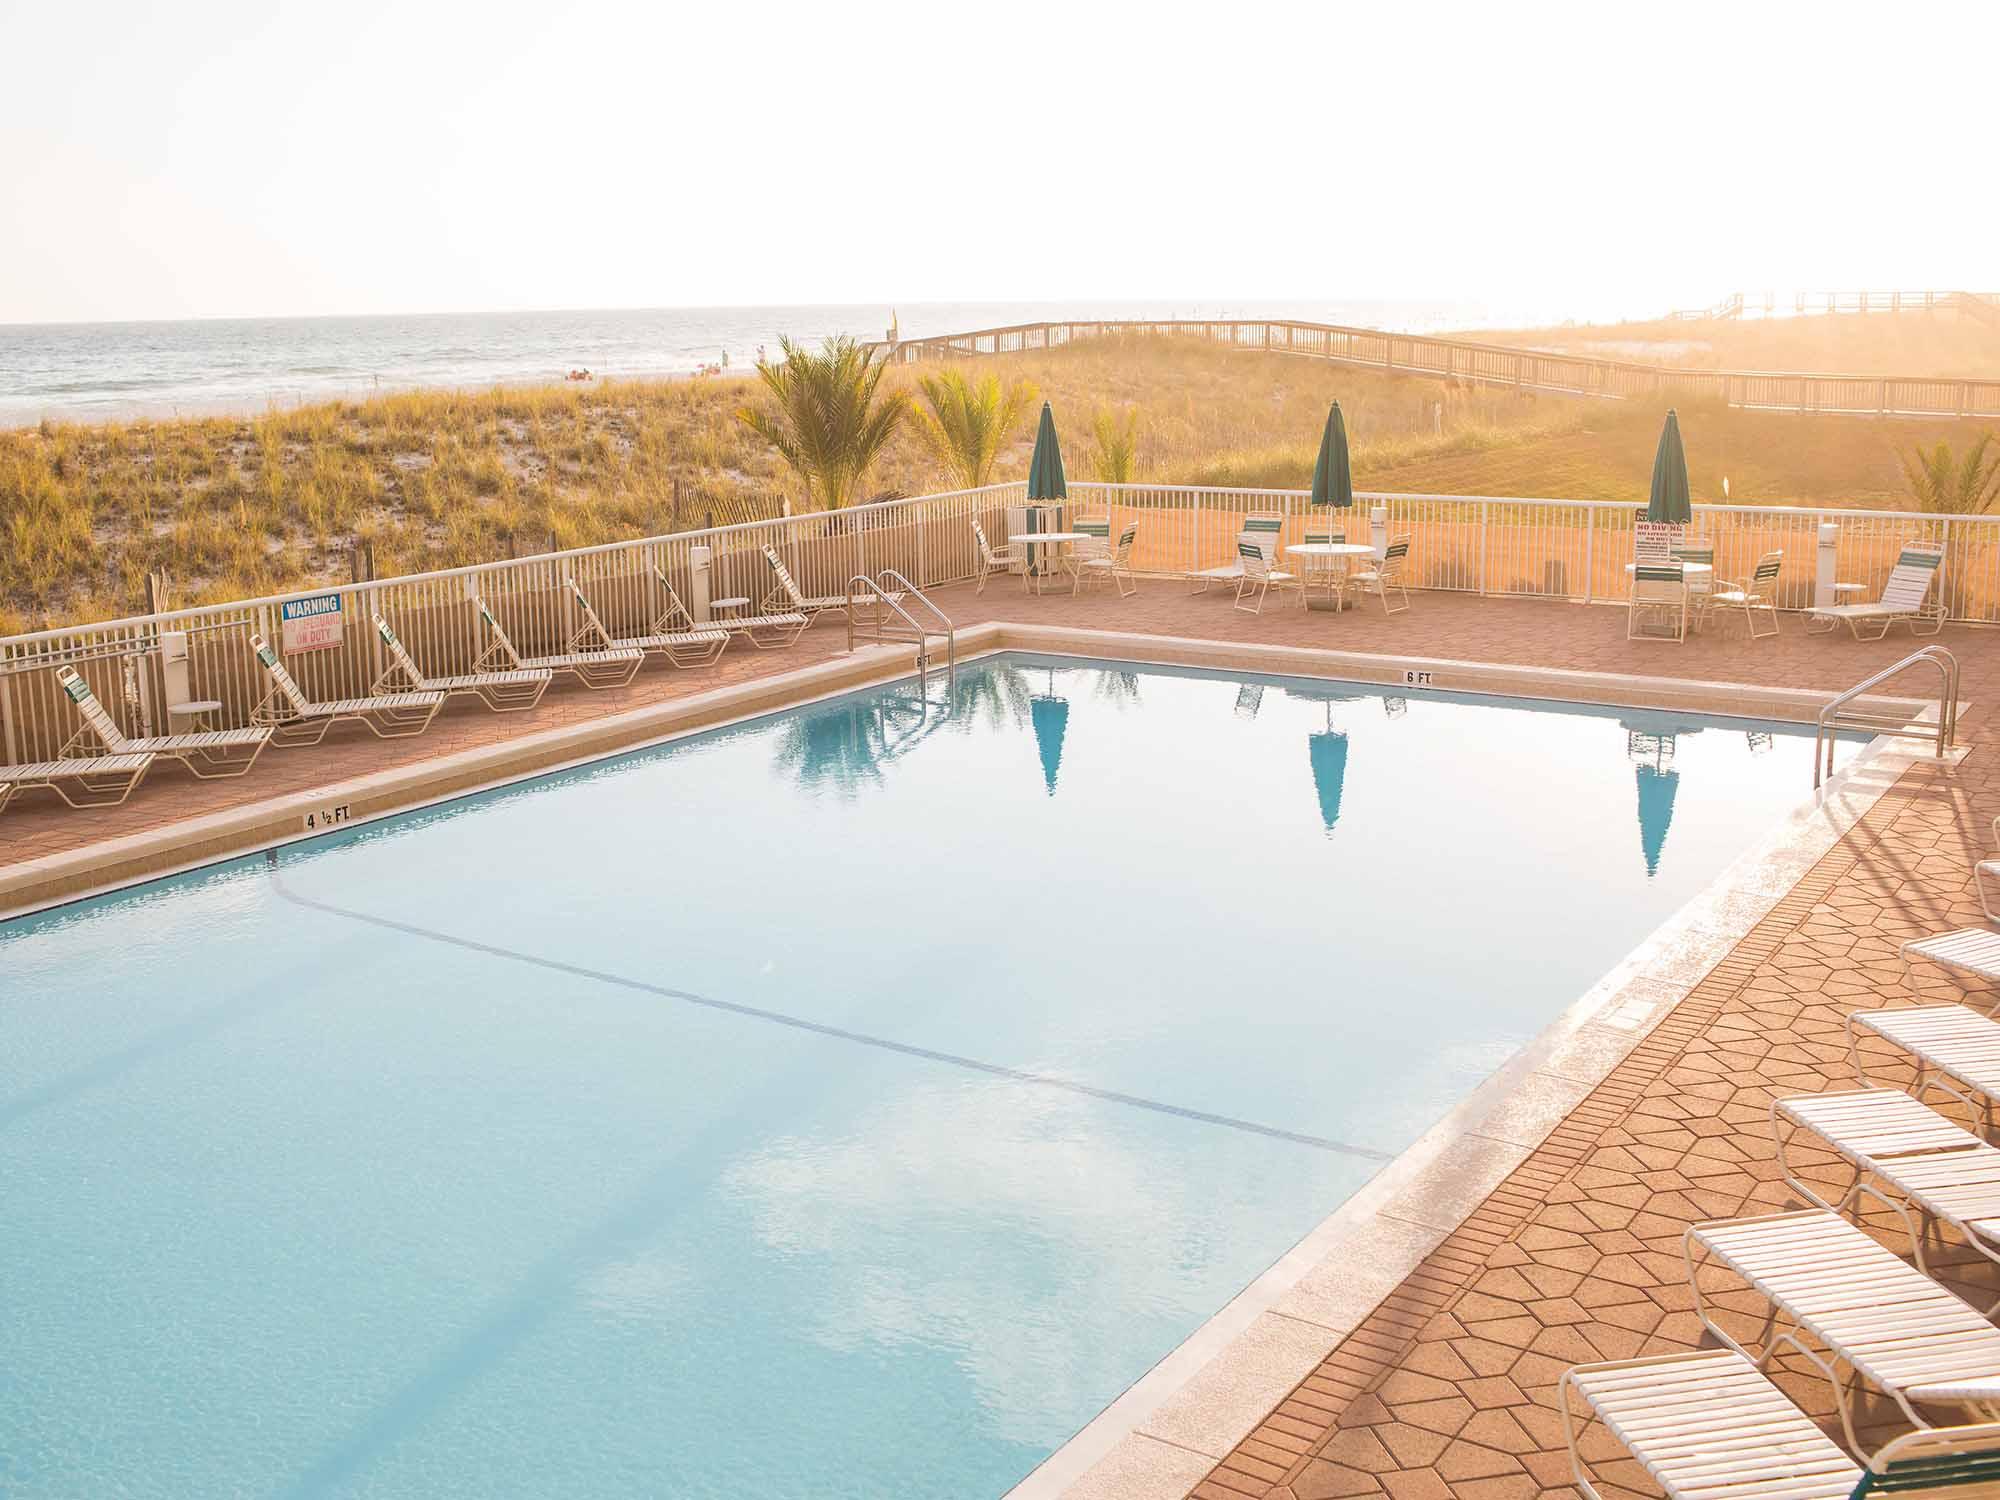 Vacation Condo Rentals Navarre Beach Fl